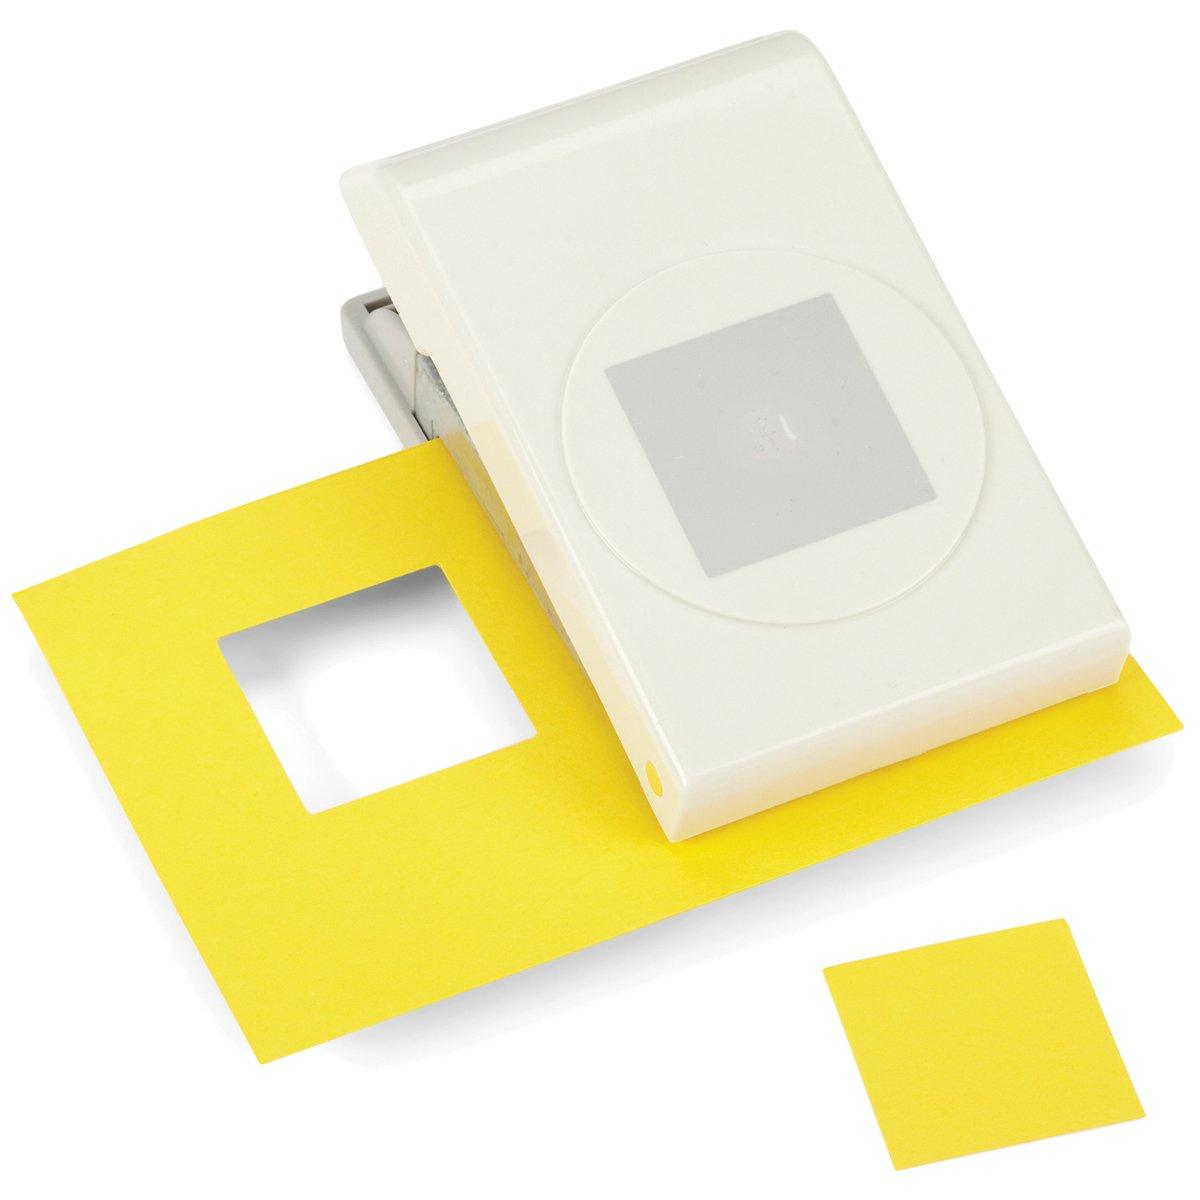 EK Tools Square Punch, 0.50-Inch, New Package EKS 54-10055